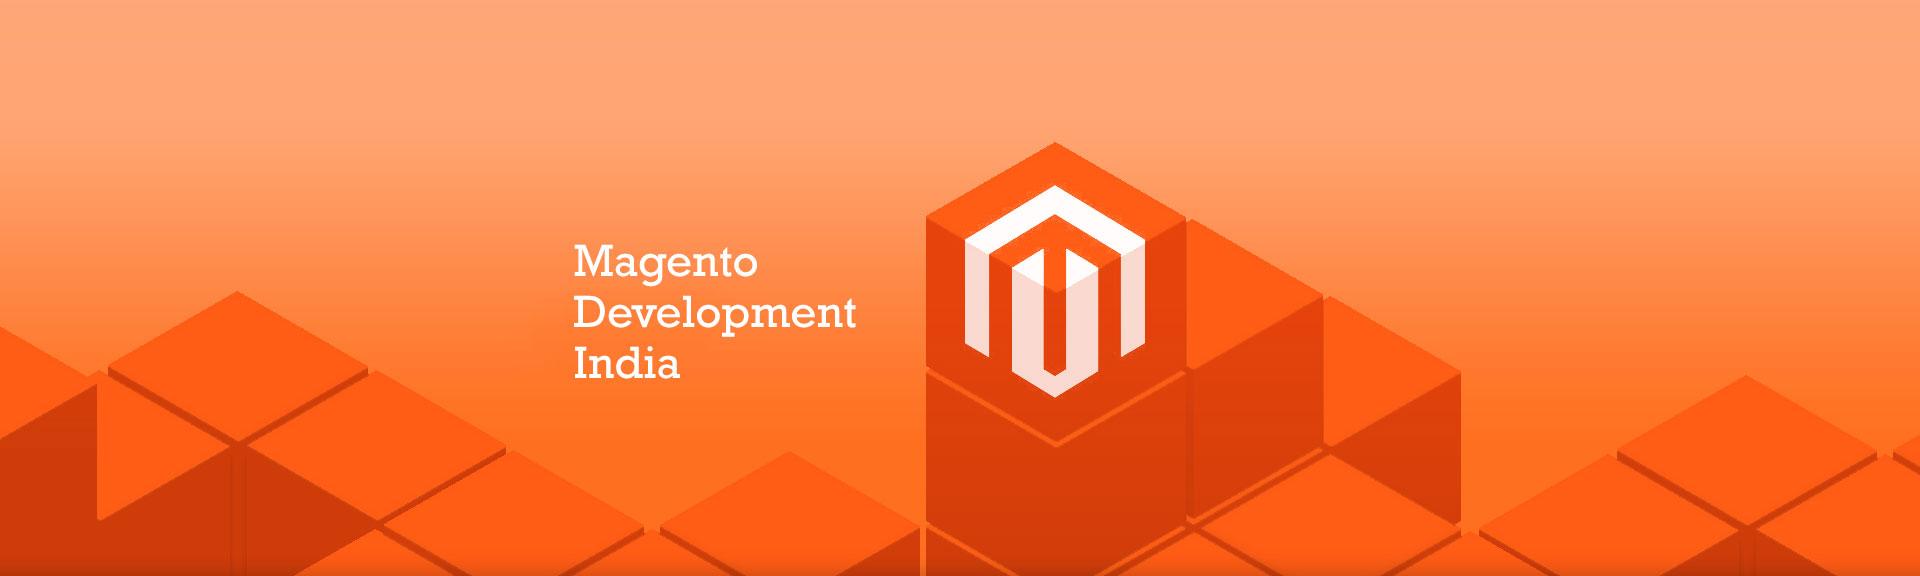 Magento Development India